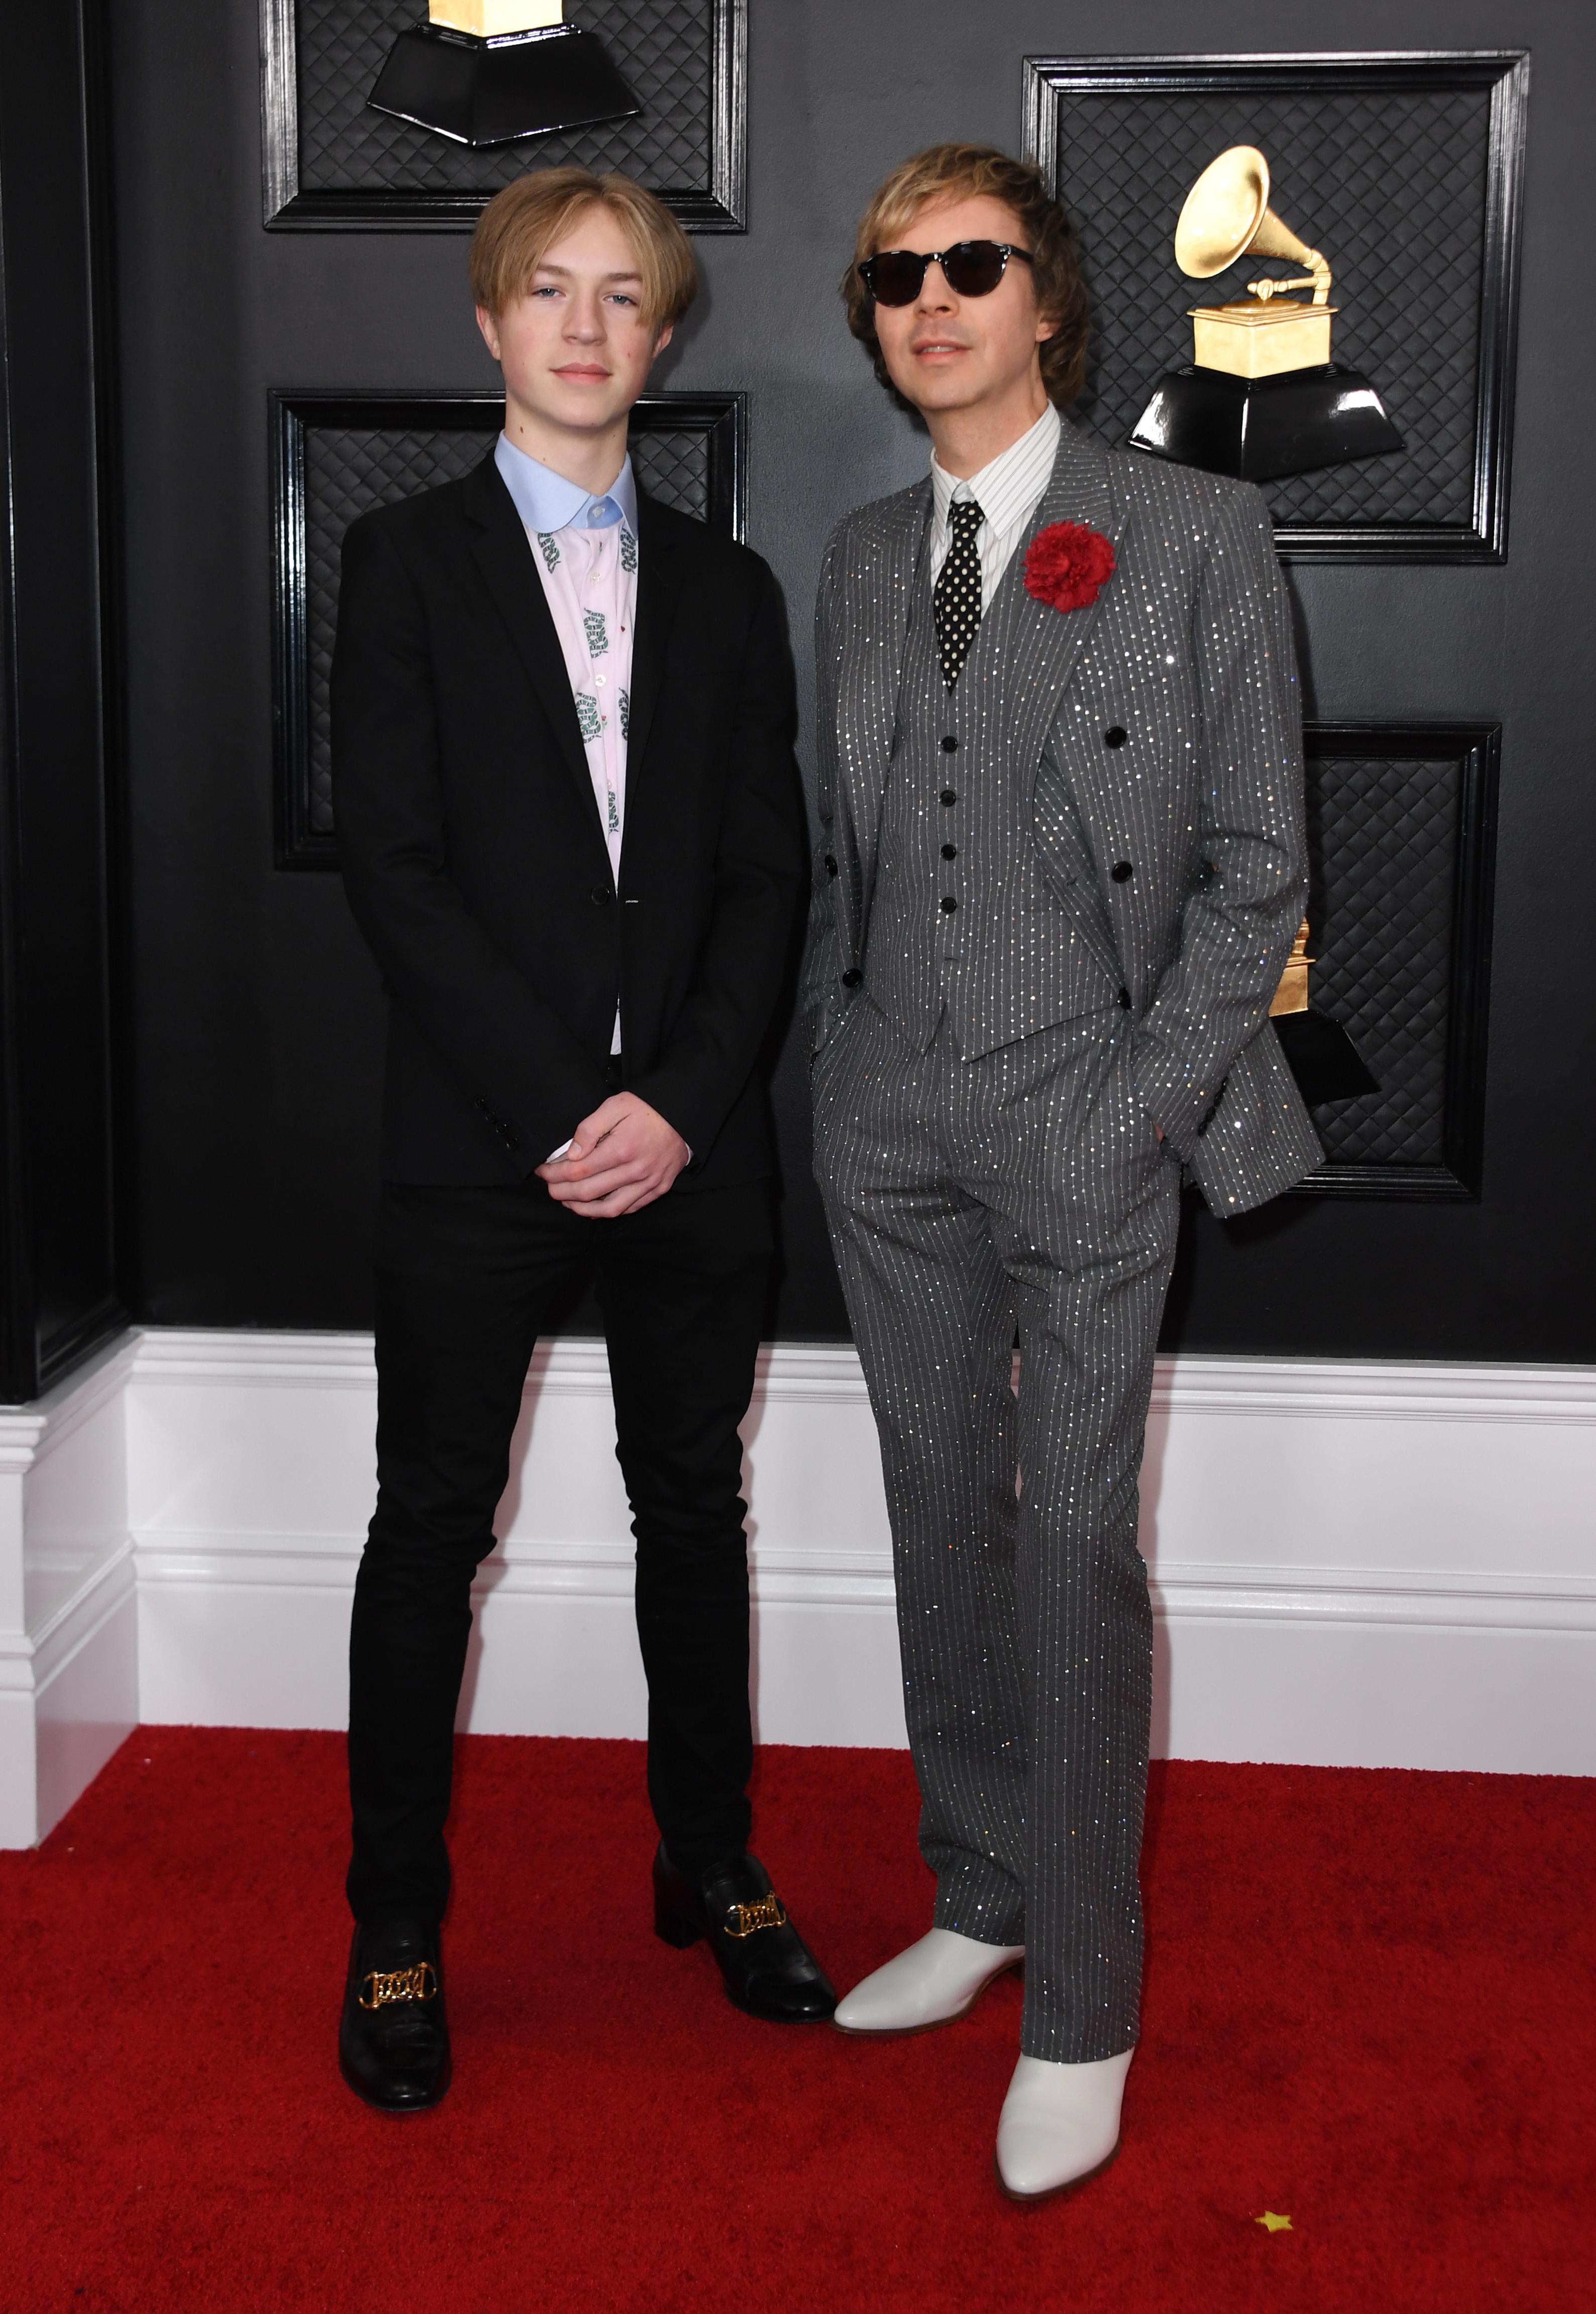 Beck and his son Cosimo Hansen